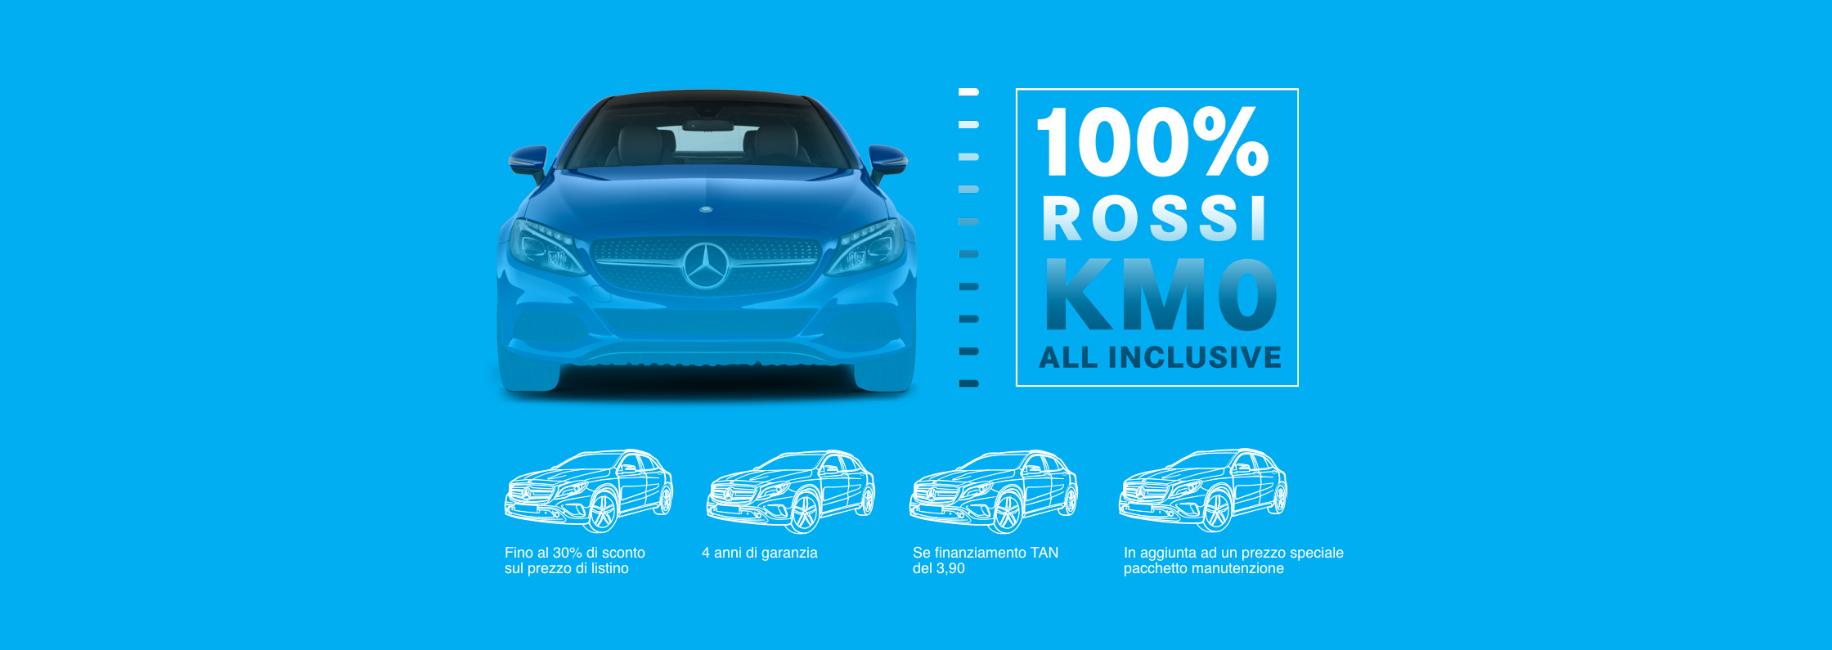 Rossi100